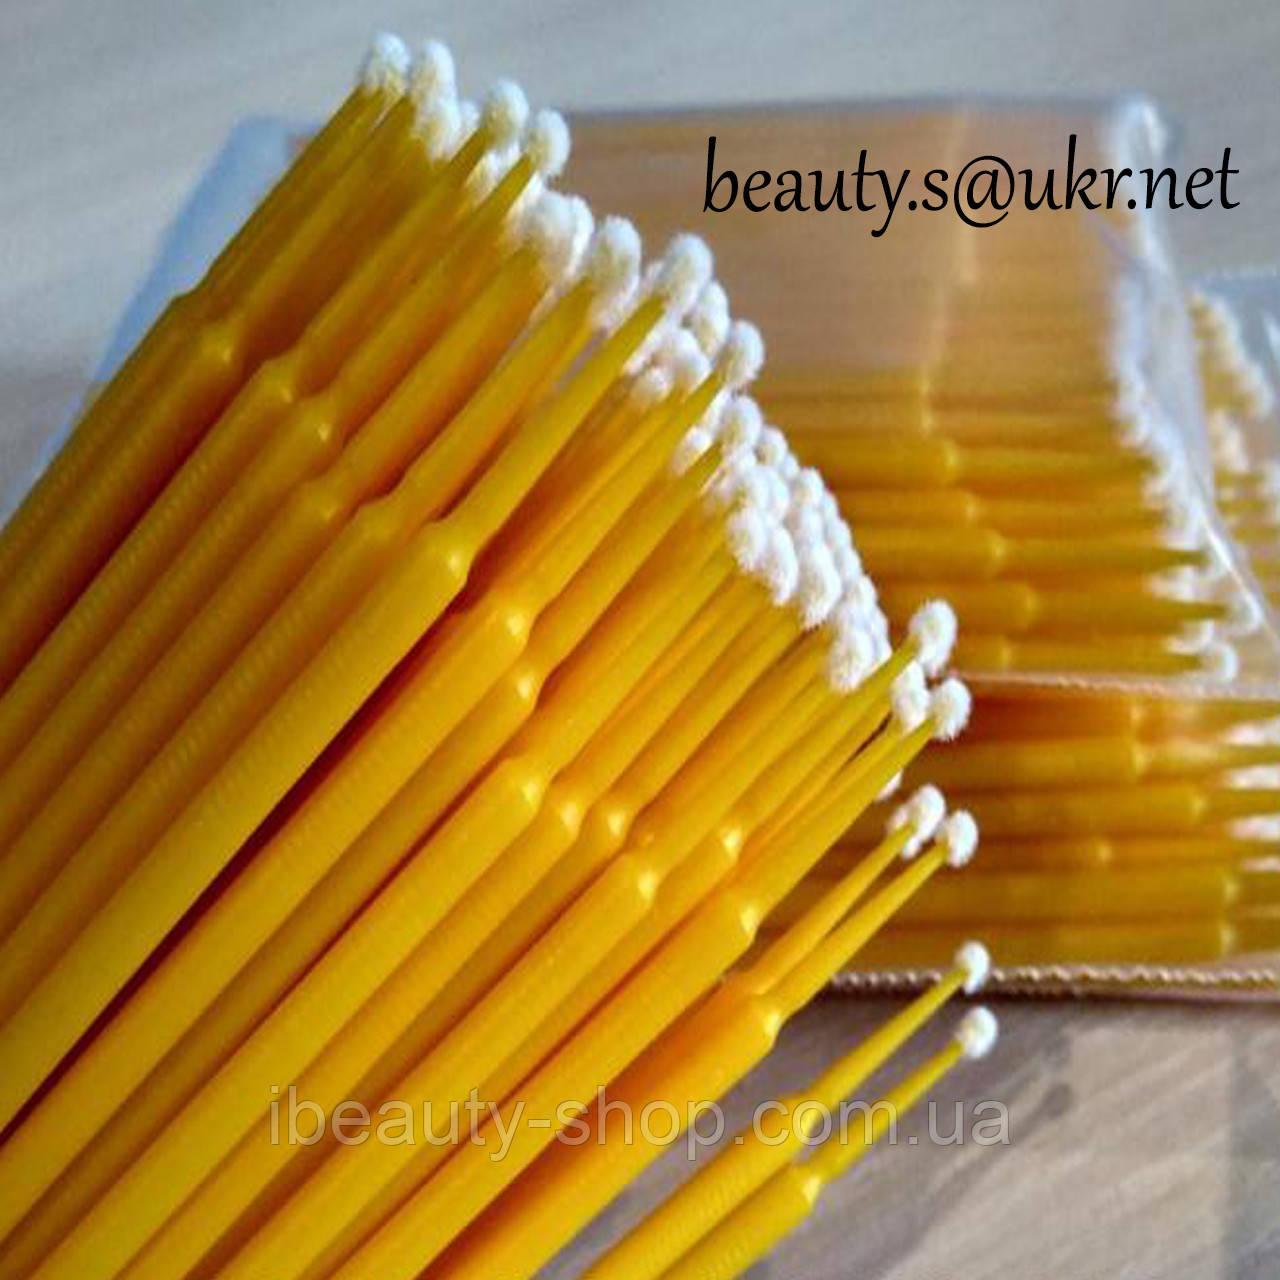 Микробраши, жовті,100 шт, 2,5 мм, м'яка упаковка.